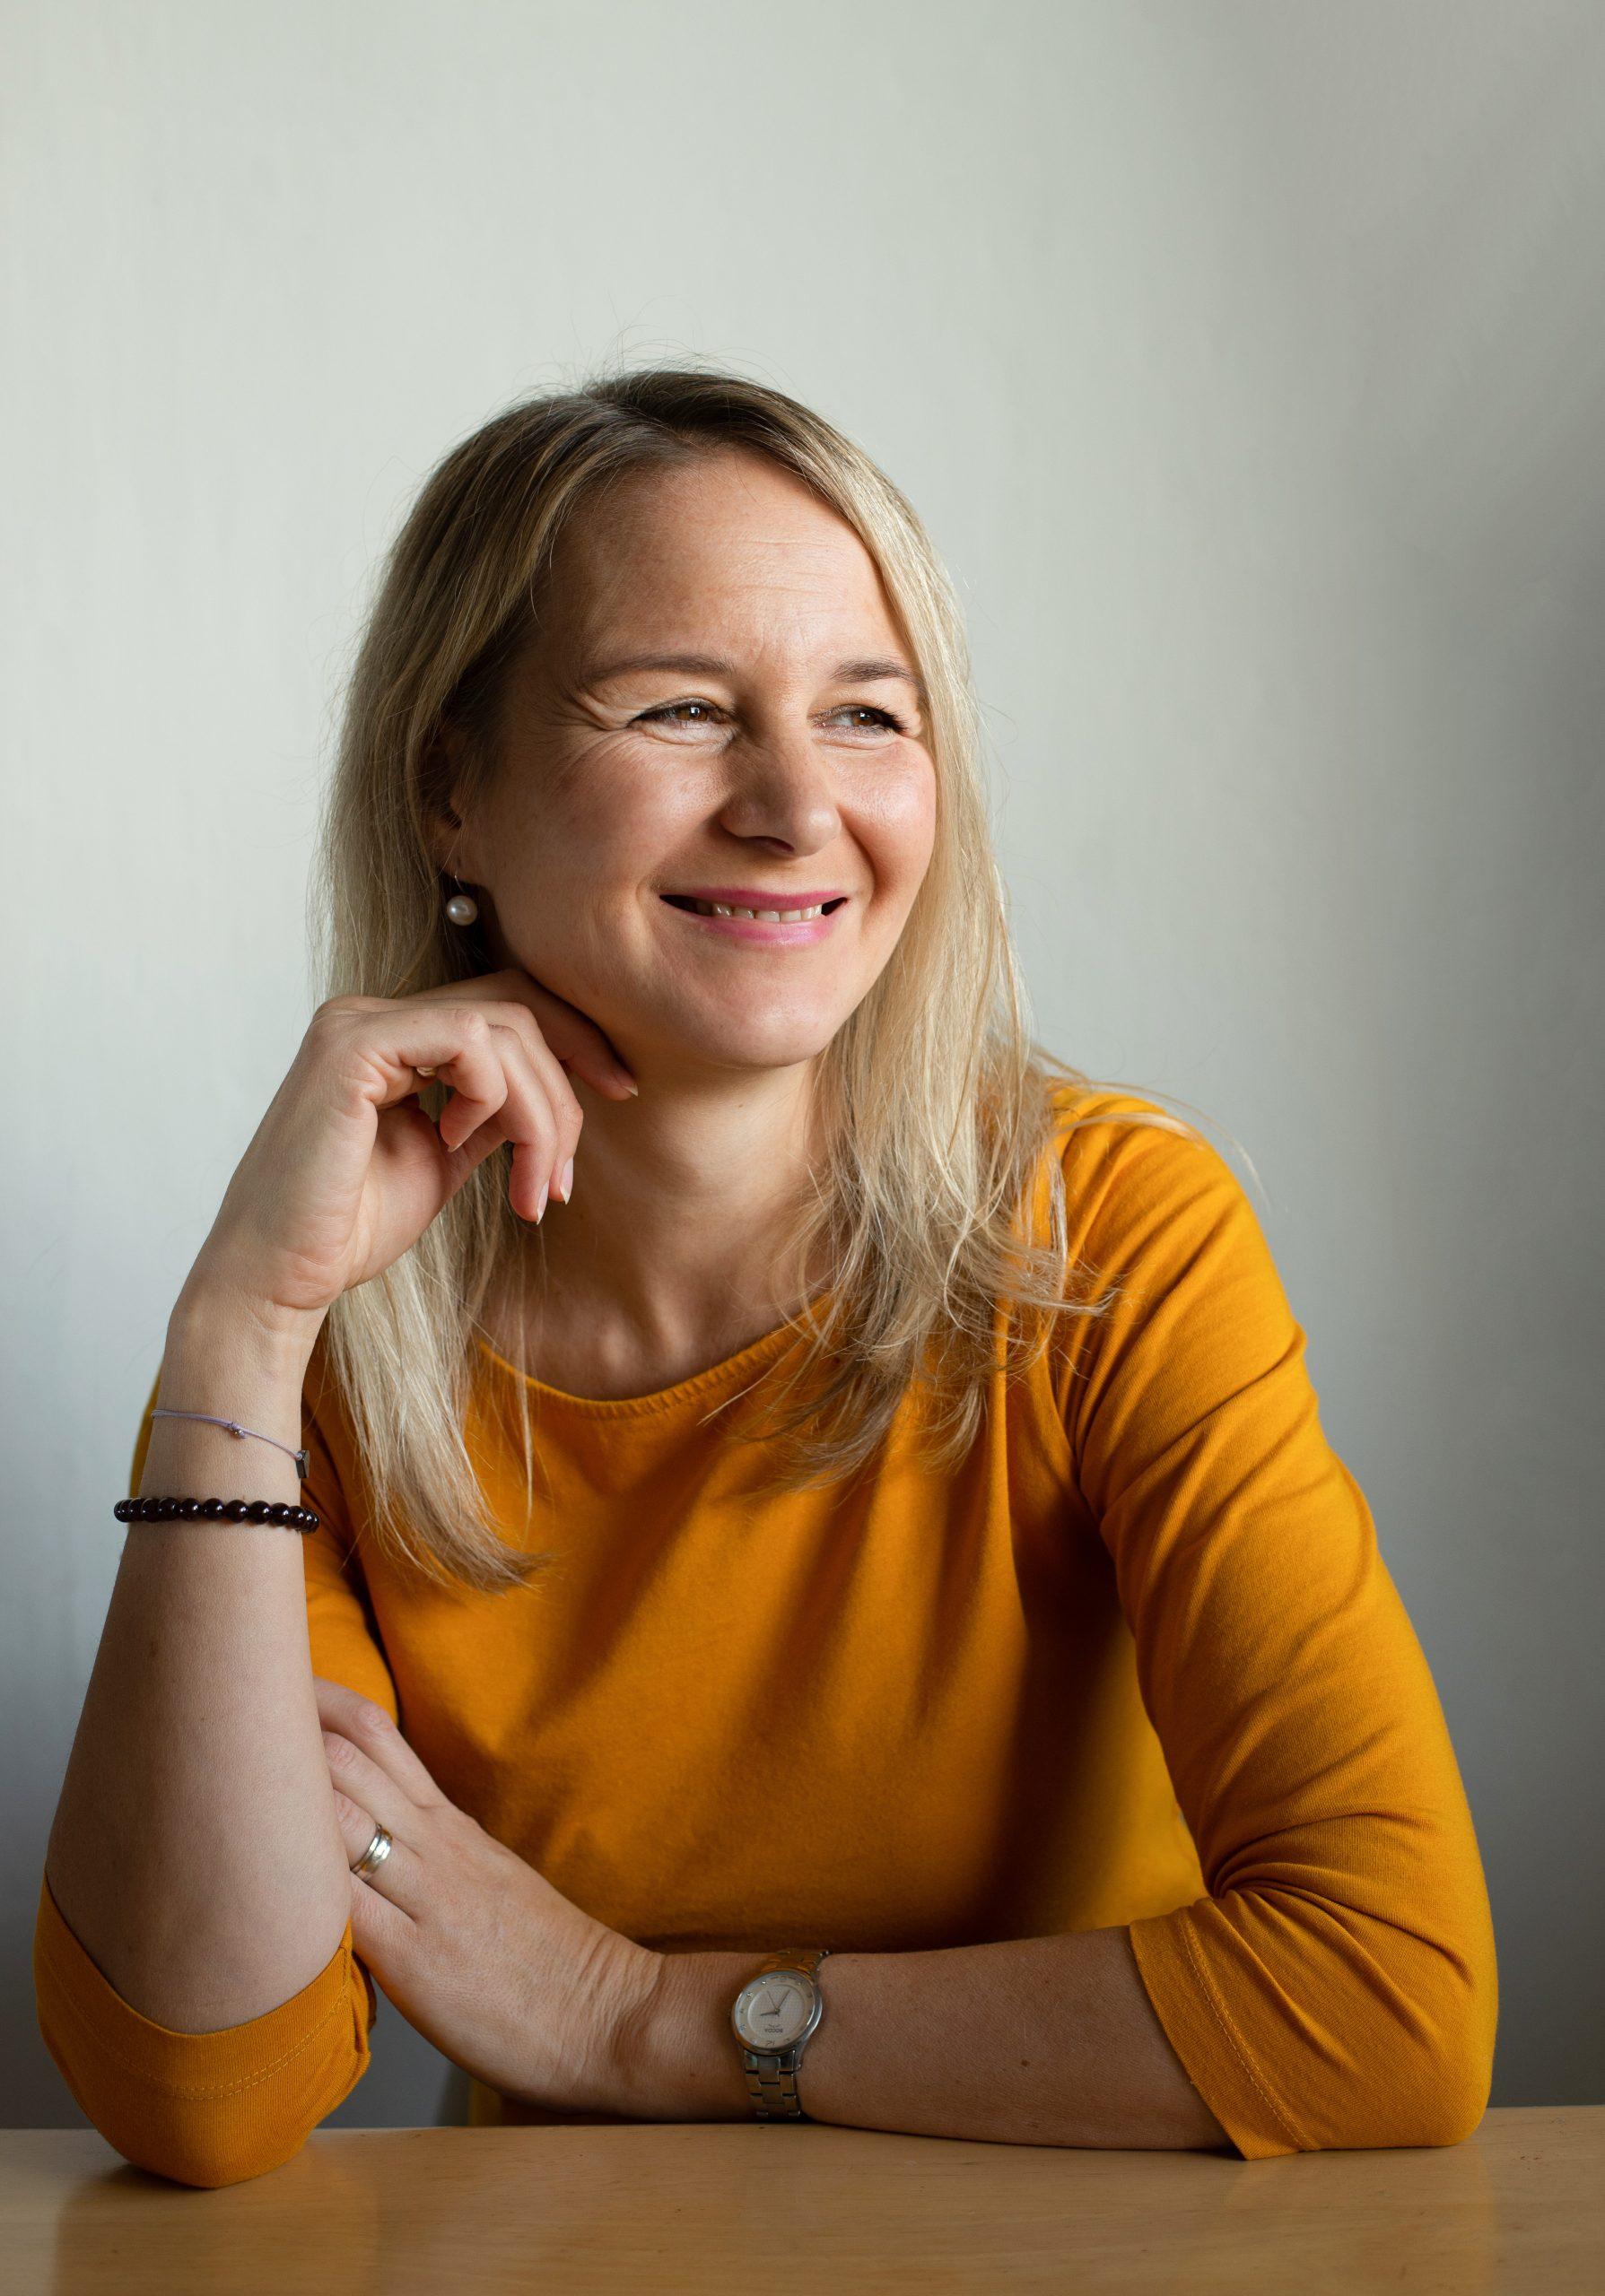 Logopedie online, Petra Pelikánová